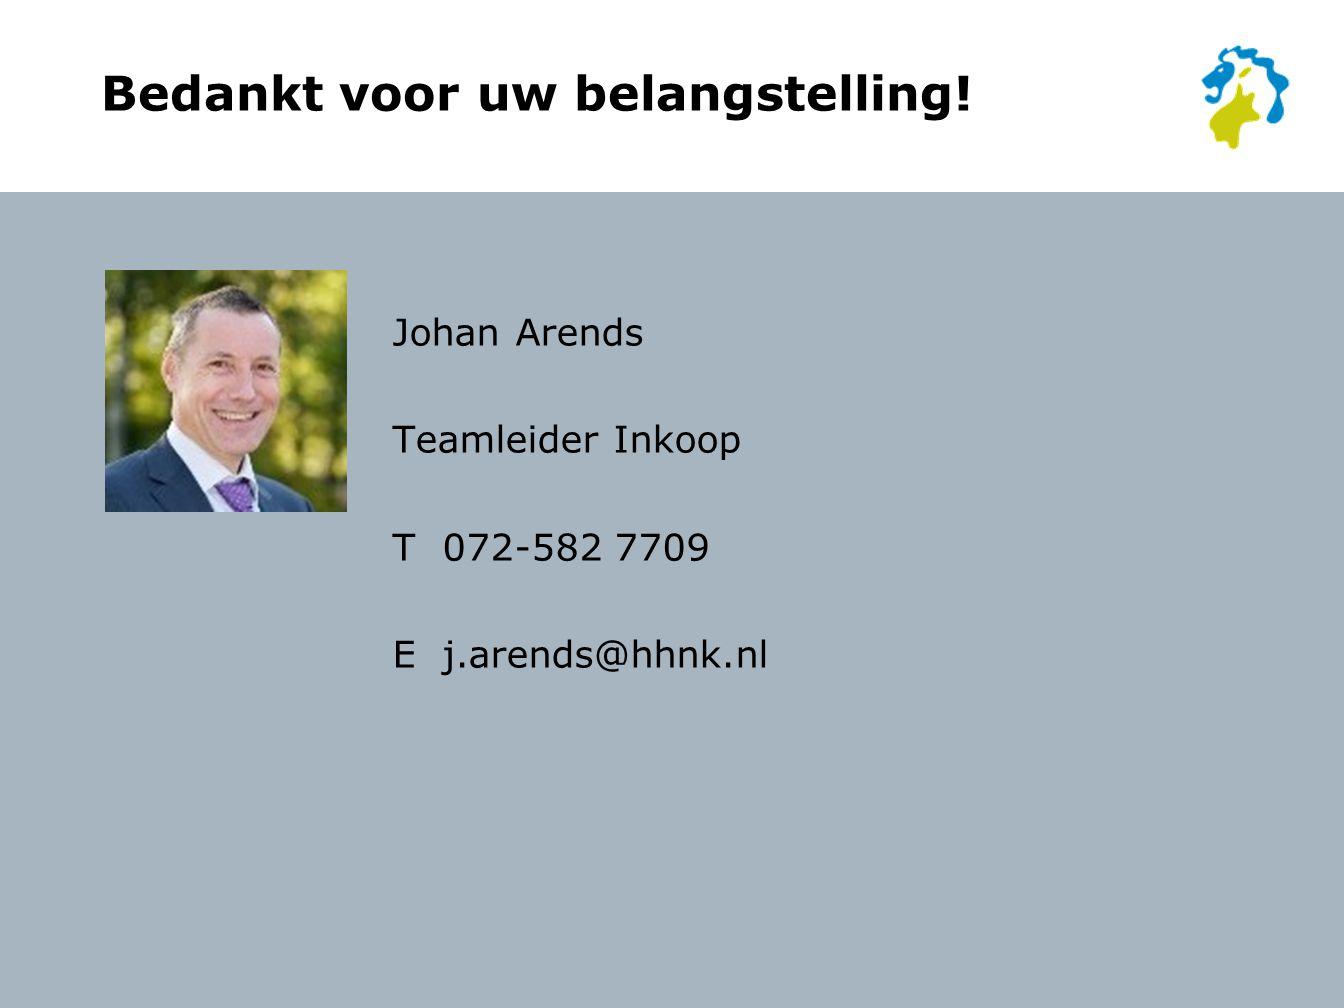 Bedankt voor uw belangstelling! Johan Arends Teamleider Inkoop T 072-582 7709 Ej.arends@hhnk.nl